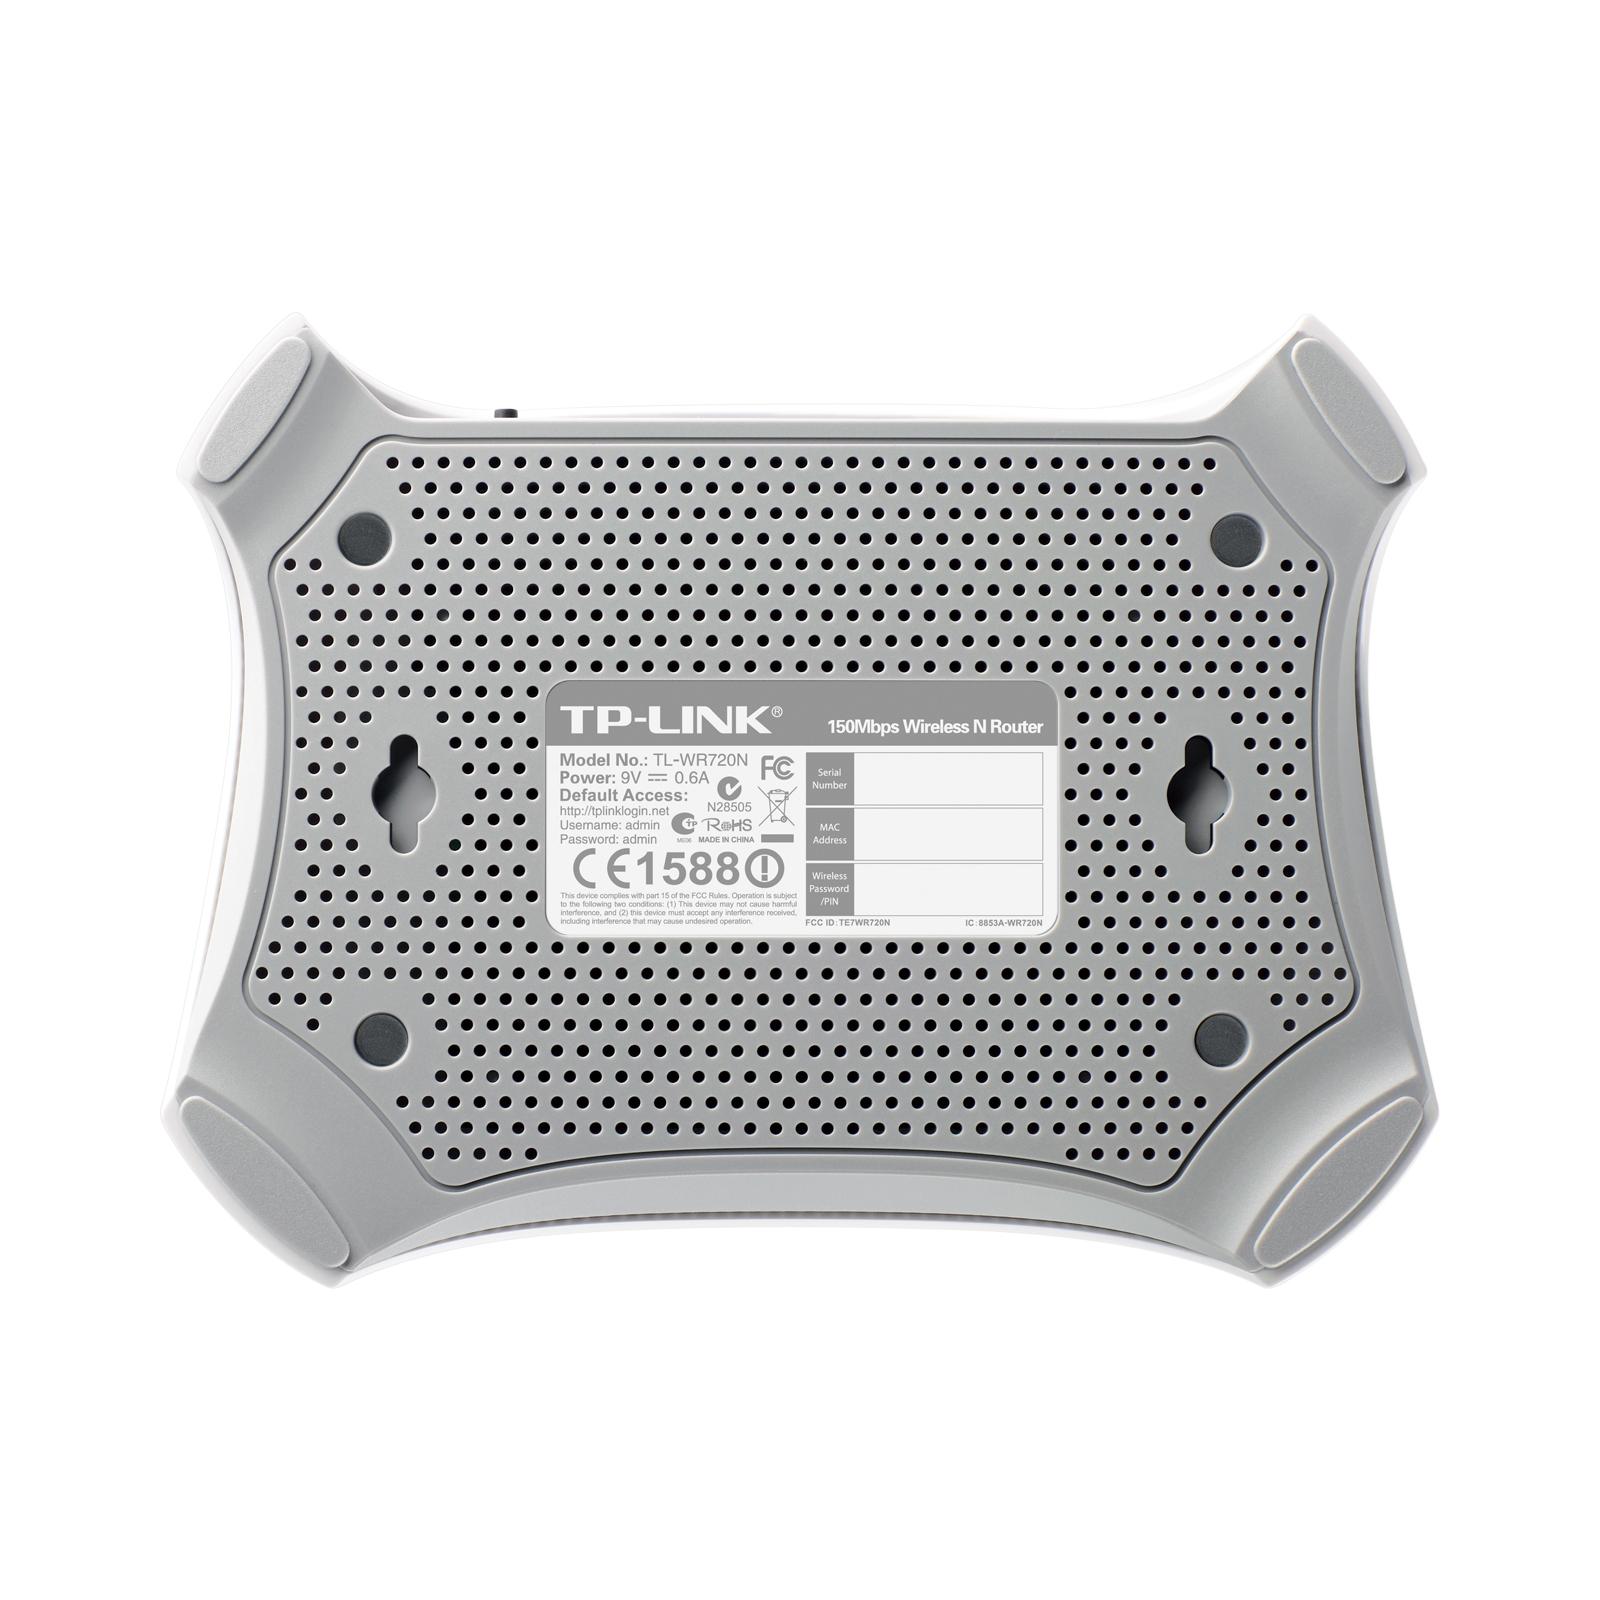 Маршрутизатор TP-Link TL-WR720N V2 изображение 5